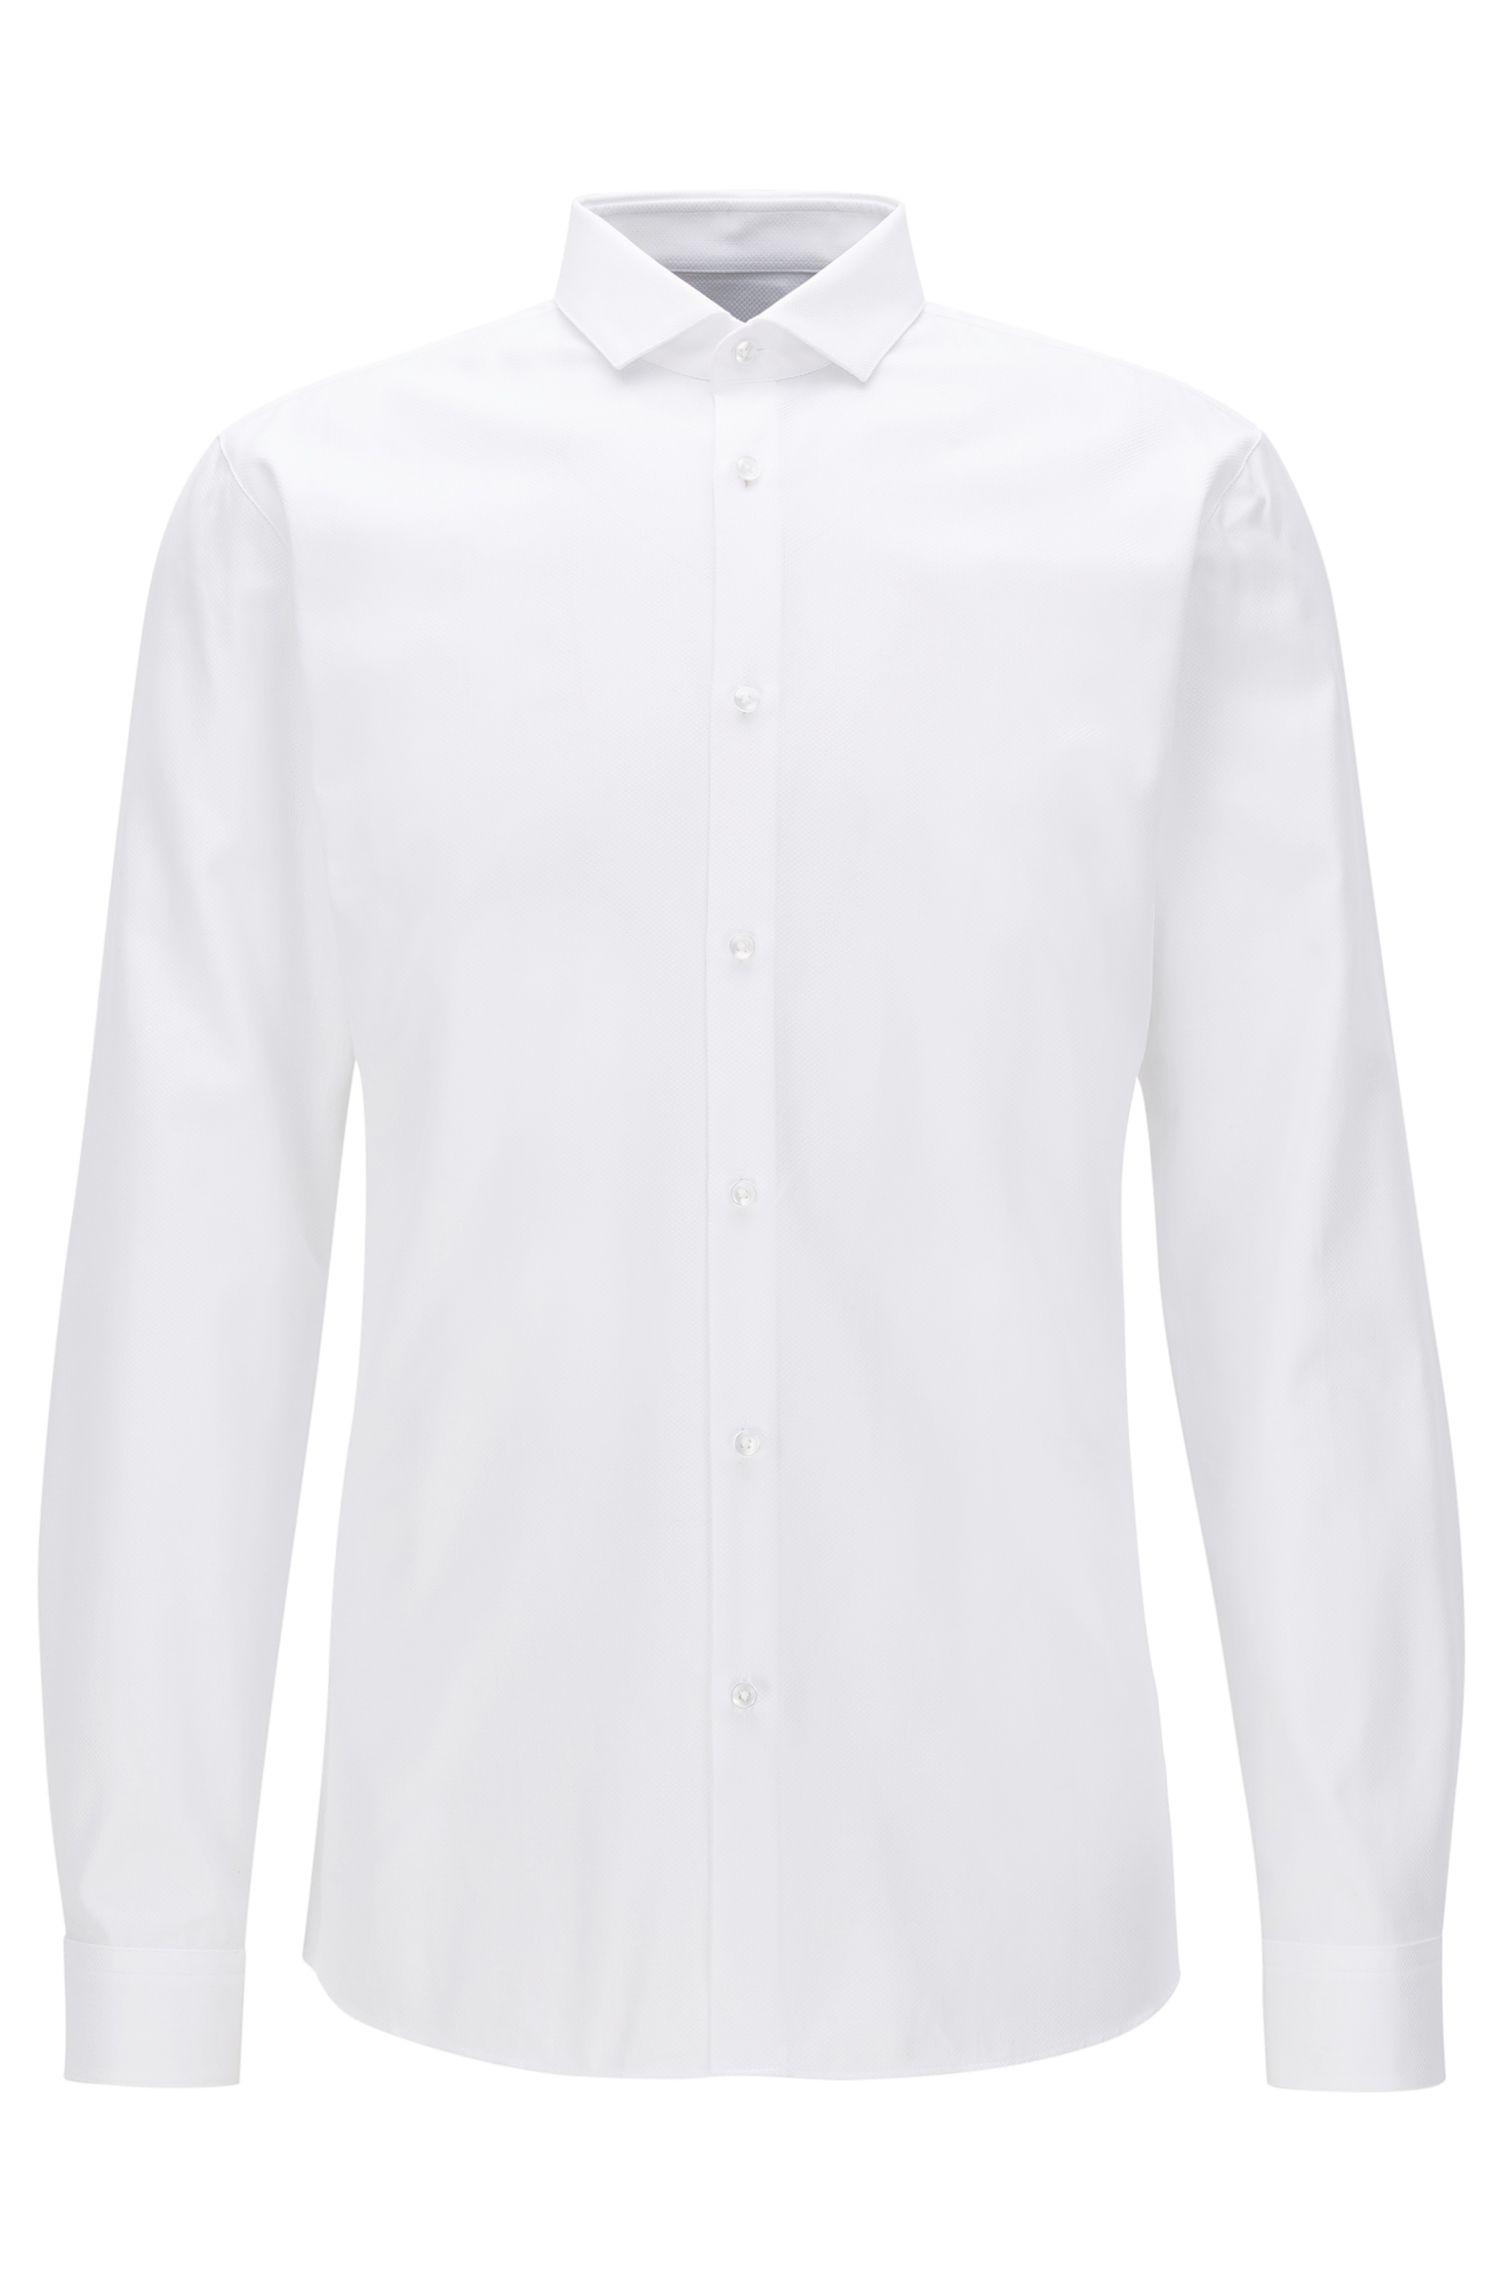 Extra Slim-Fit Hemd aus strukturierter Vollzwirn-Baumwolle